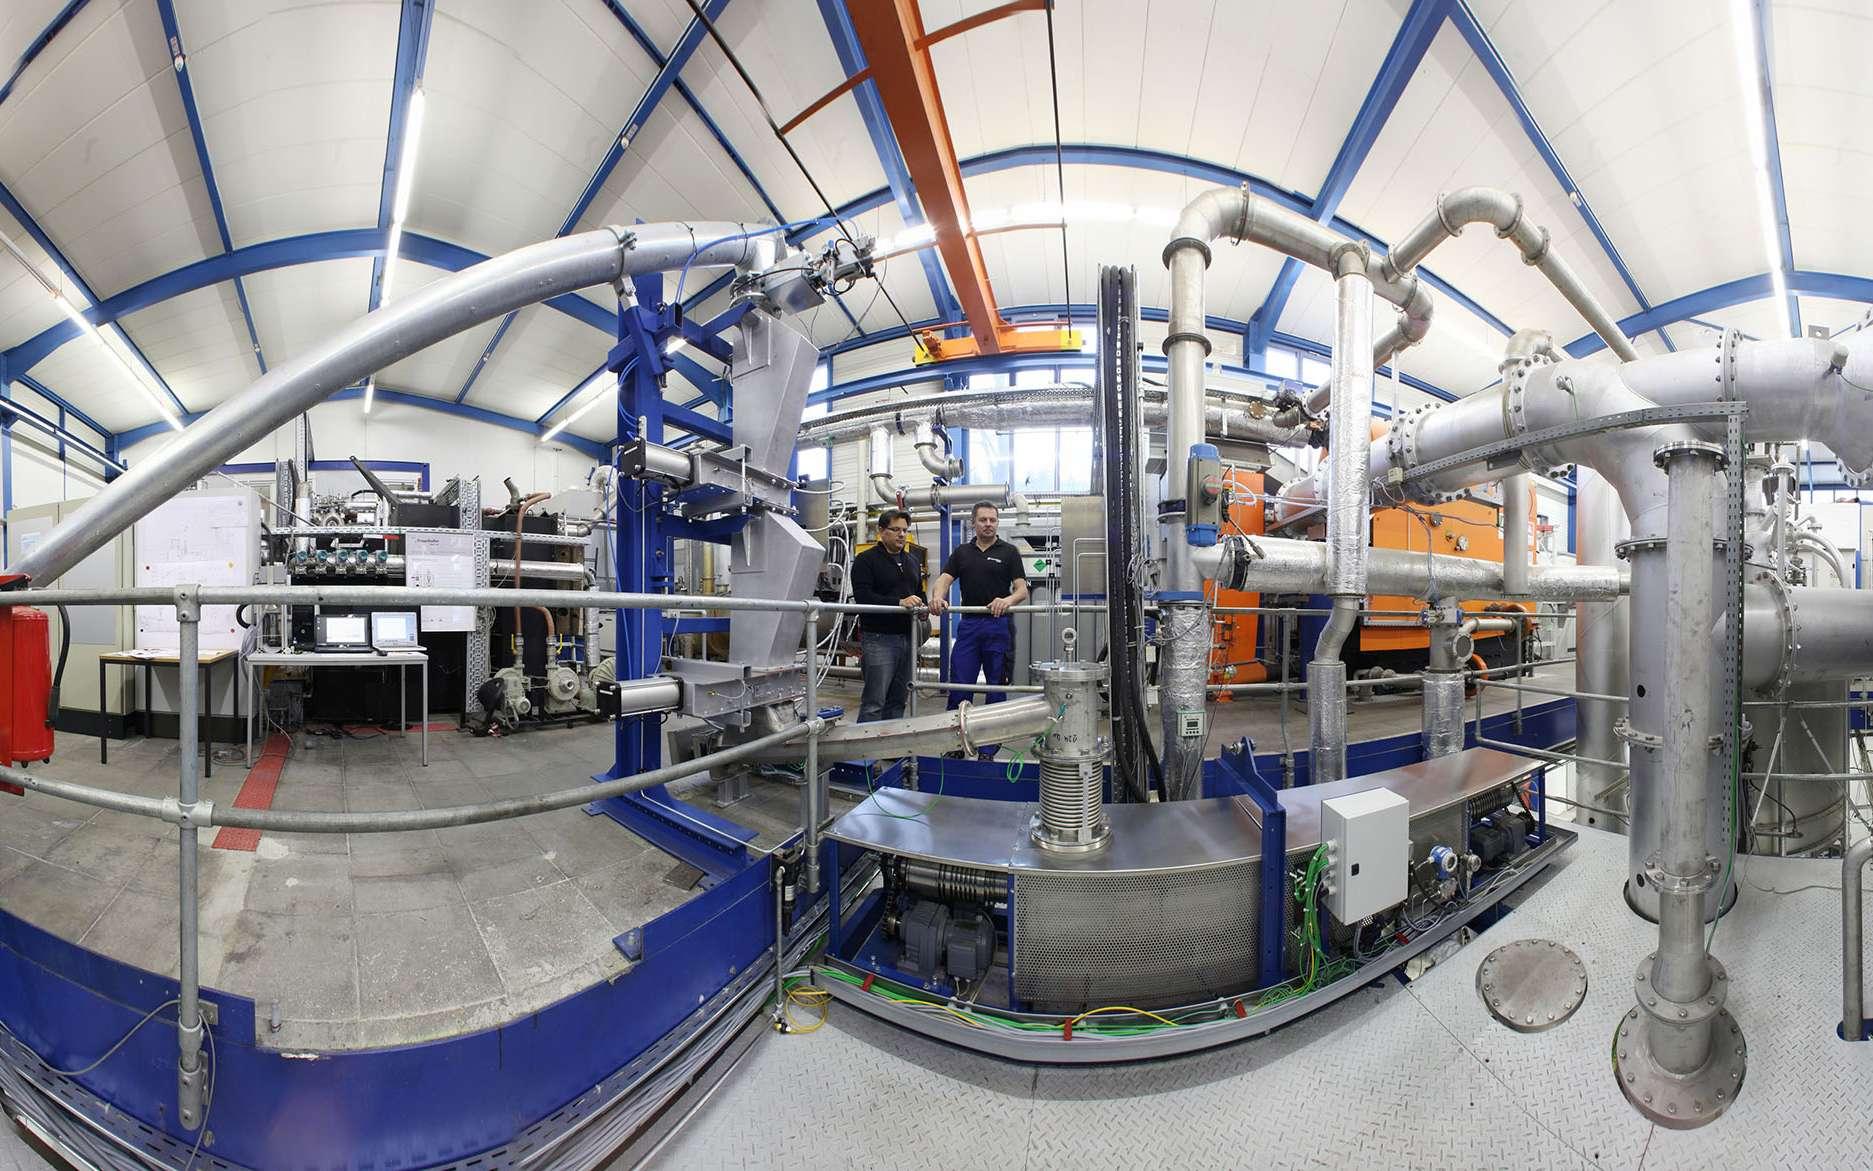 Des scientifiques allemands ont développé, à l'institut Fraunhofer pour les technologies de l'environnement, de l'énergie et de la sécurité (UMSICHT), un prototype de biobatterie qui permet une valorisation énergétique efficace de la biomasse. © Fraunhofer UMSICHT/Kurt Fuchs